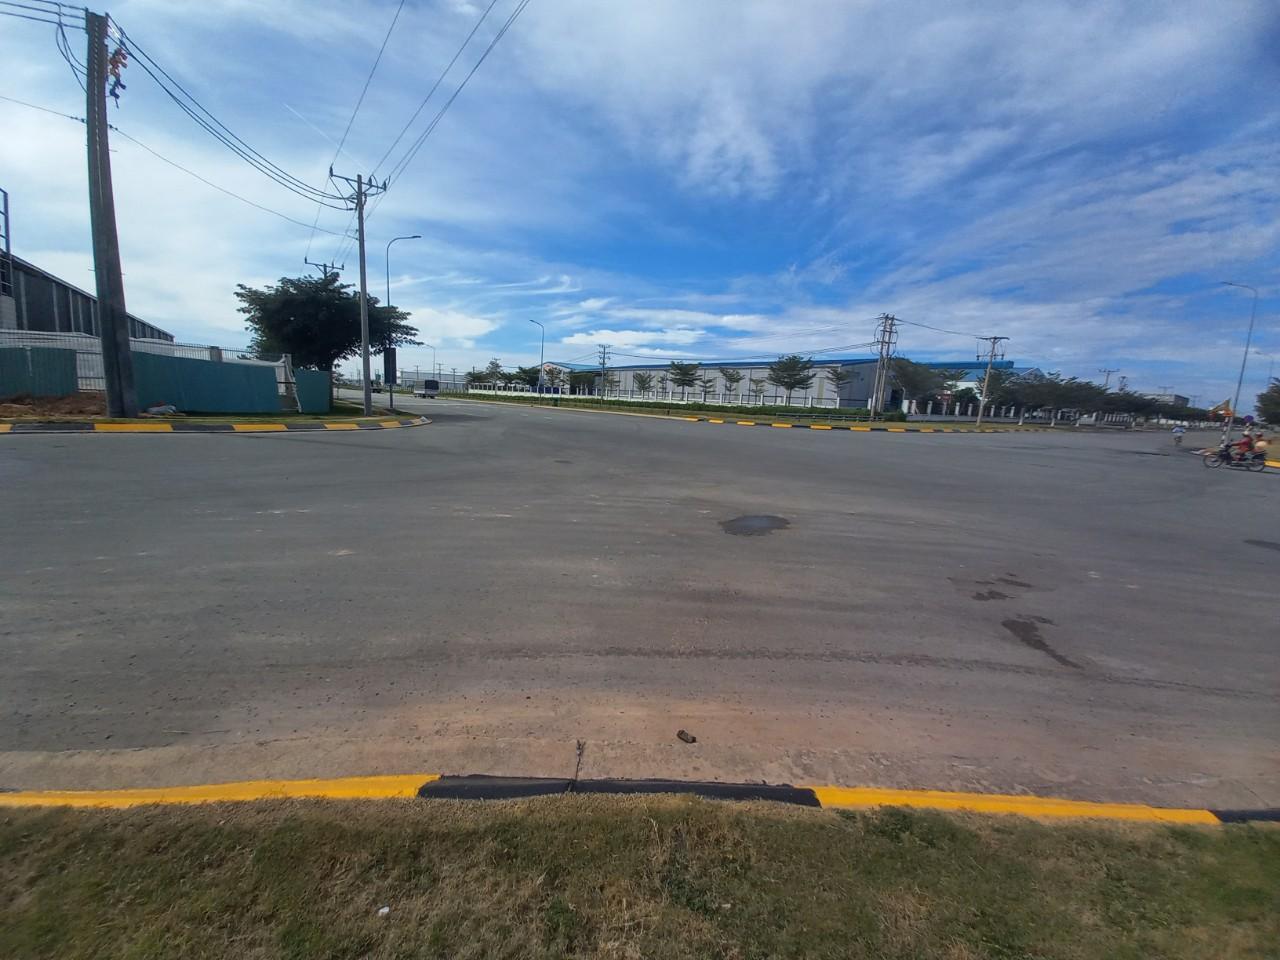 Dự án: Thiết kế và thi công đường 28 (D3-D4) tại VSIP II-A, Bình Dương